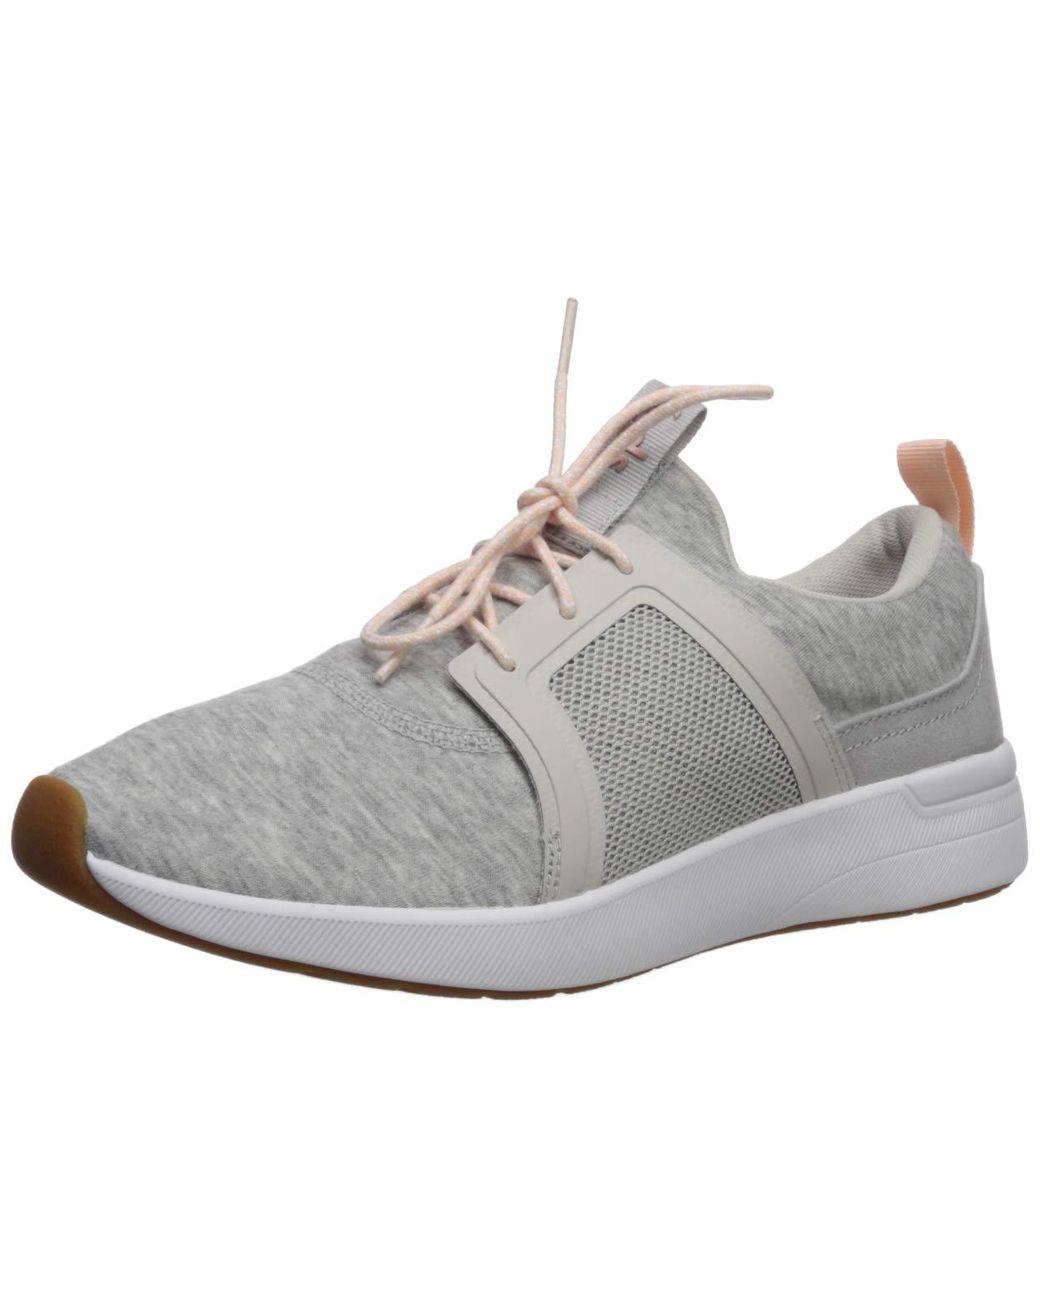 Keds Studio Flair Jersey Sneaker in